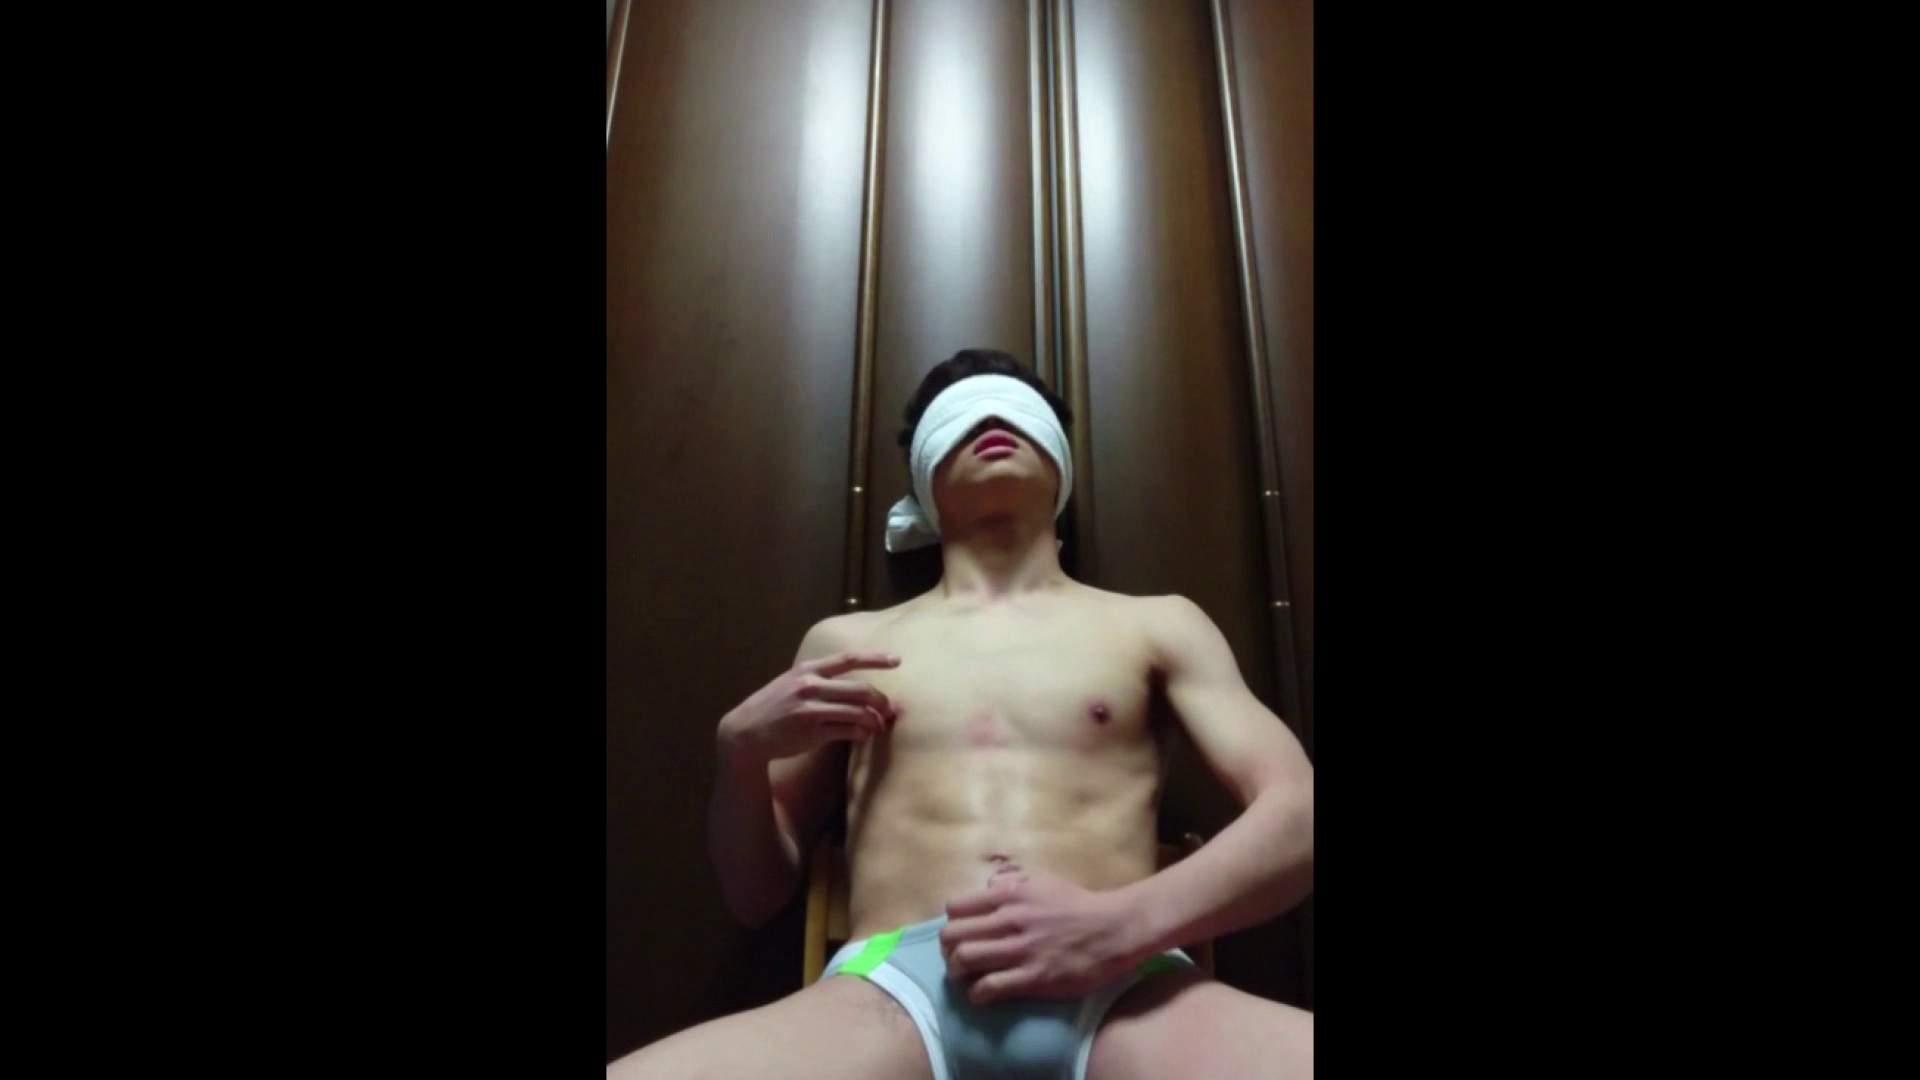 個人撮影 自慰の極意 Vol.21 オナニー ゲイ無修正動画画像 93pic 82